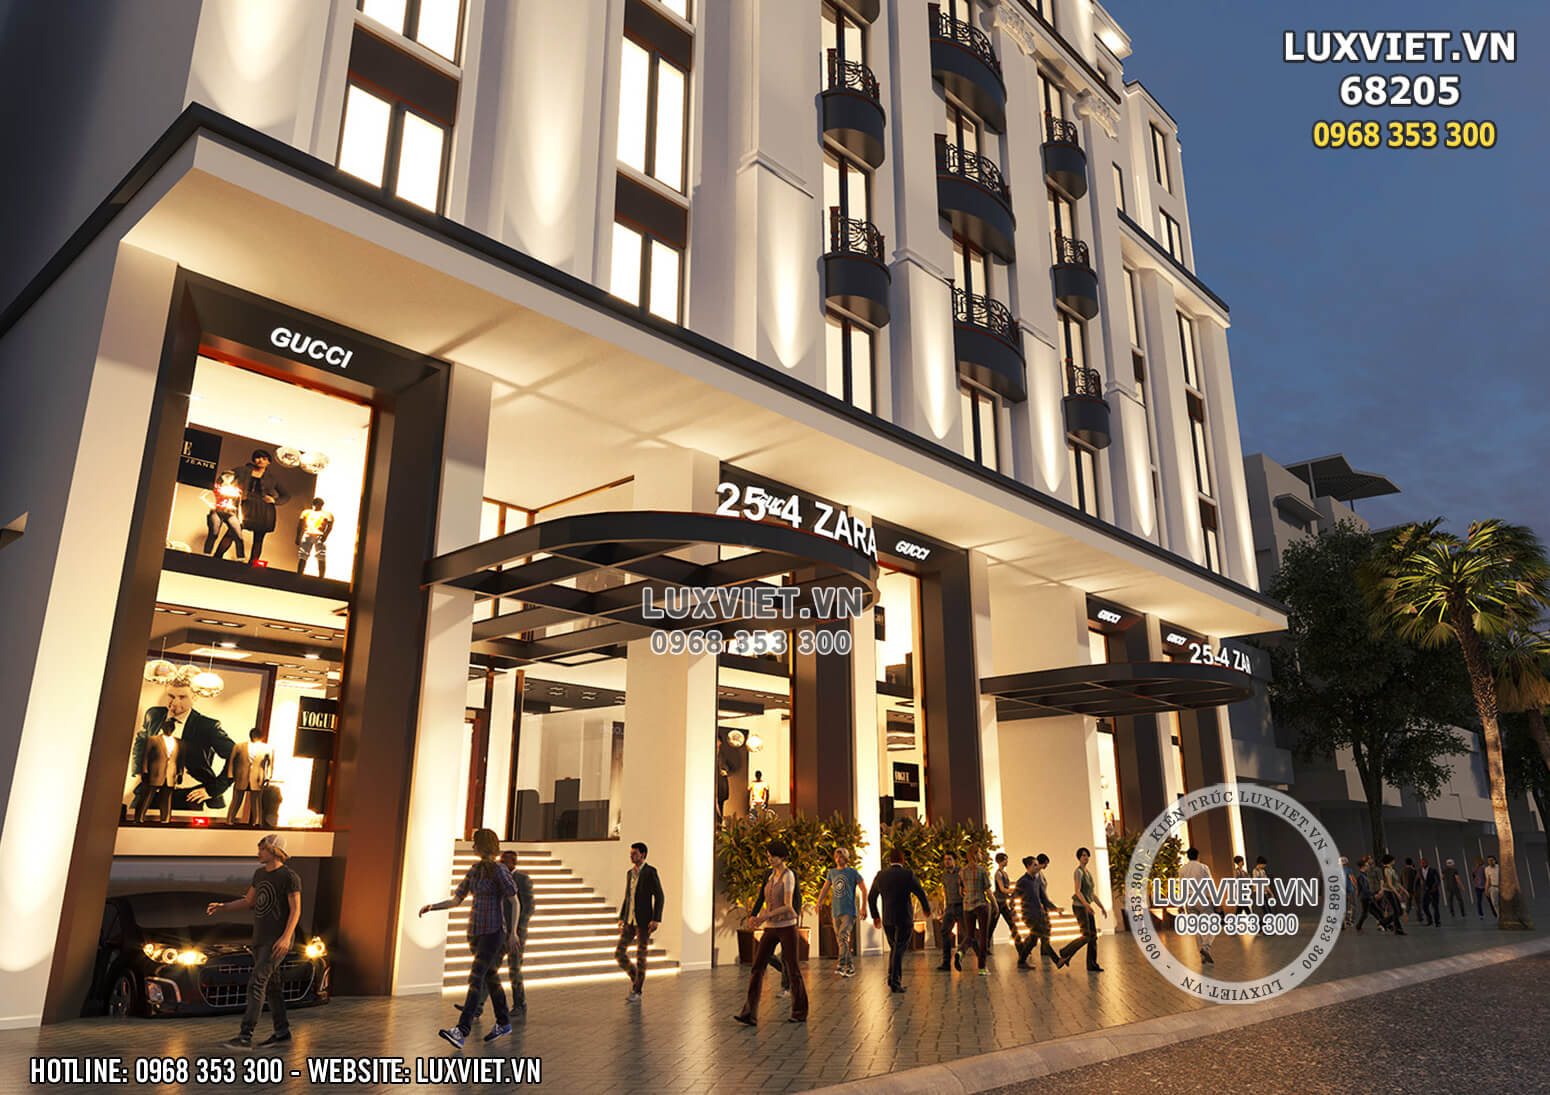 Hình ảnh: Cận cảnh tòa nhà cho thuê phong cách hiện đại và quyền lực - LV 68205